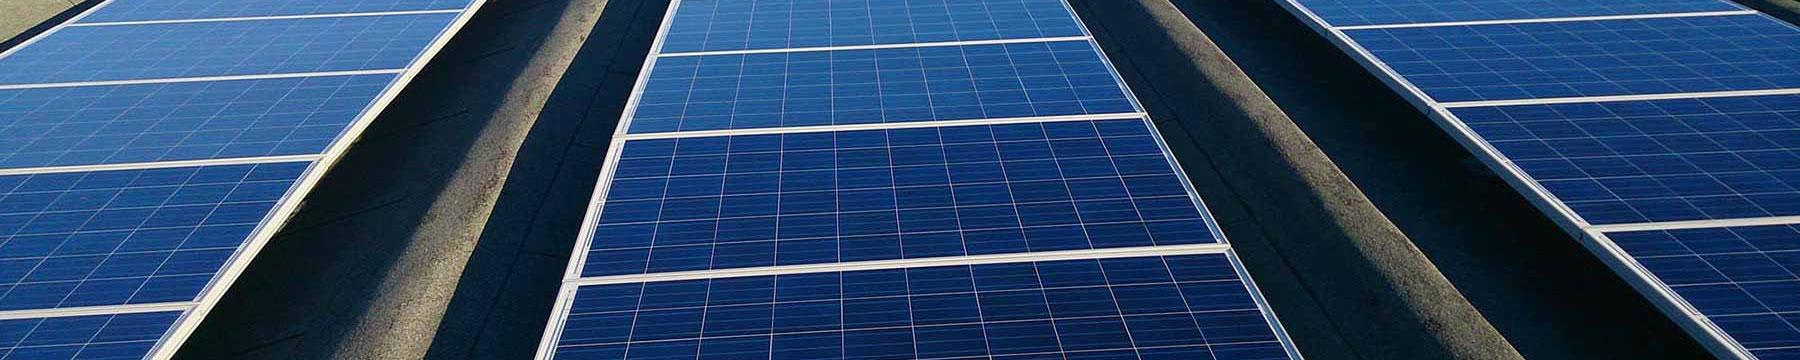 fotovoltaico-aziendale